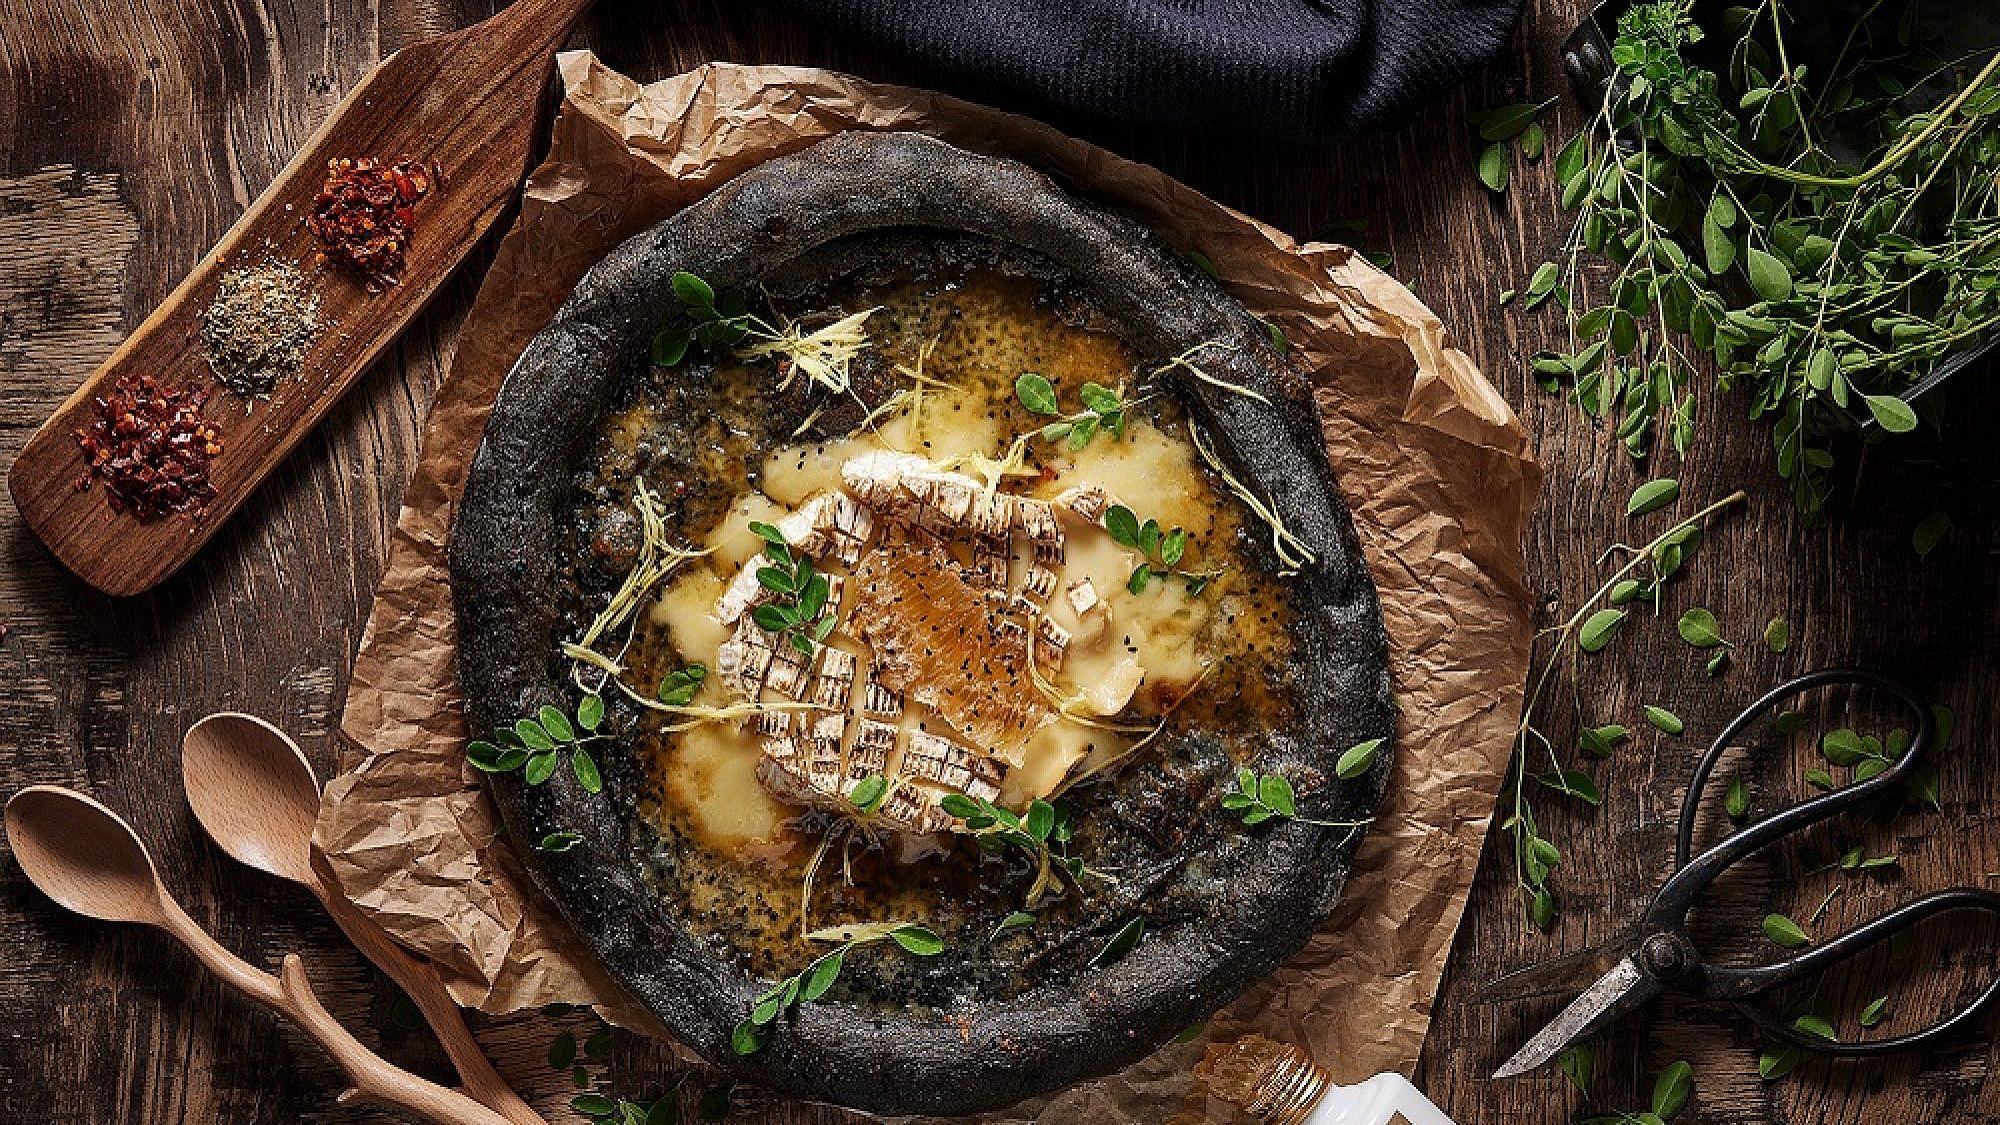 שחורה ונאווה. פיצה מוצ'ה (צילום: אפיק גבאי | סטיילינג: עידן ספיבק)